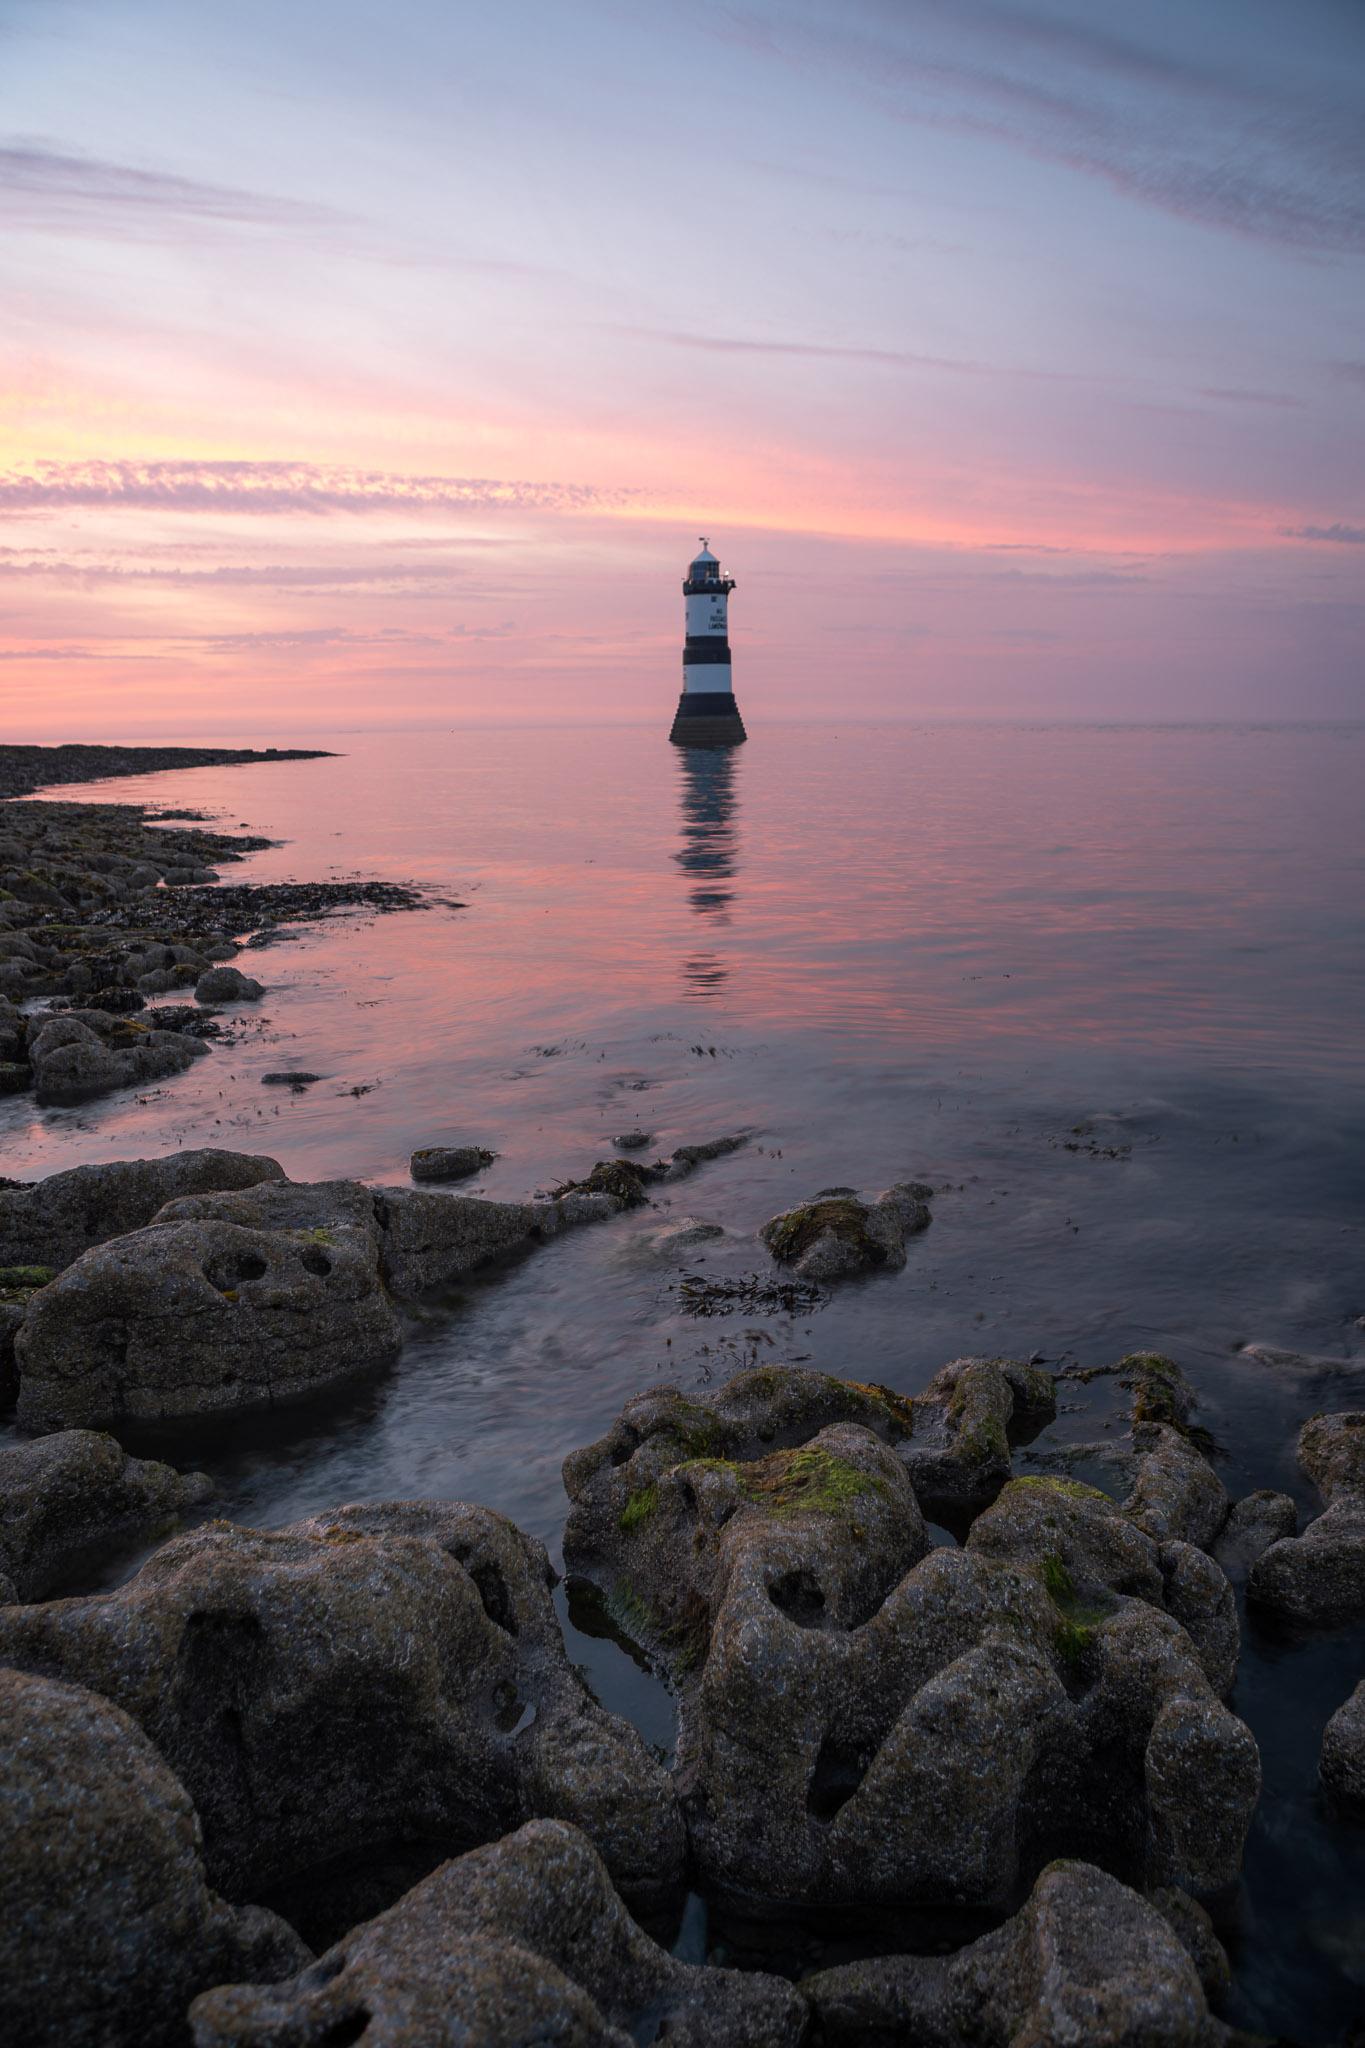 Penmon lighthouse at sunset